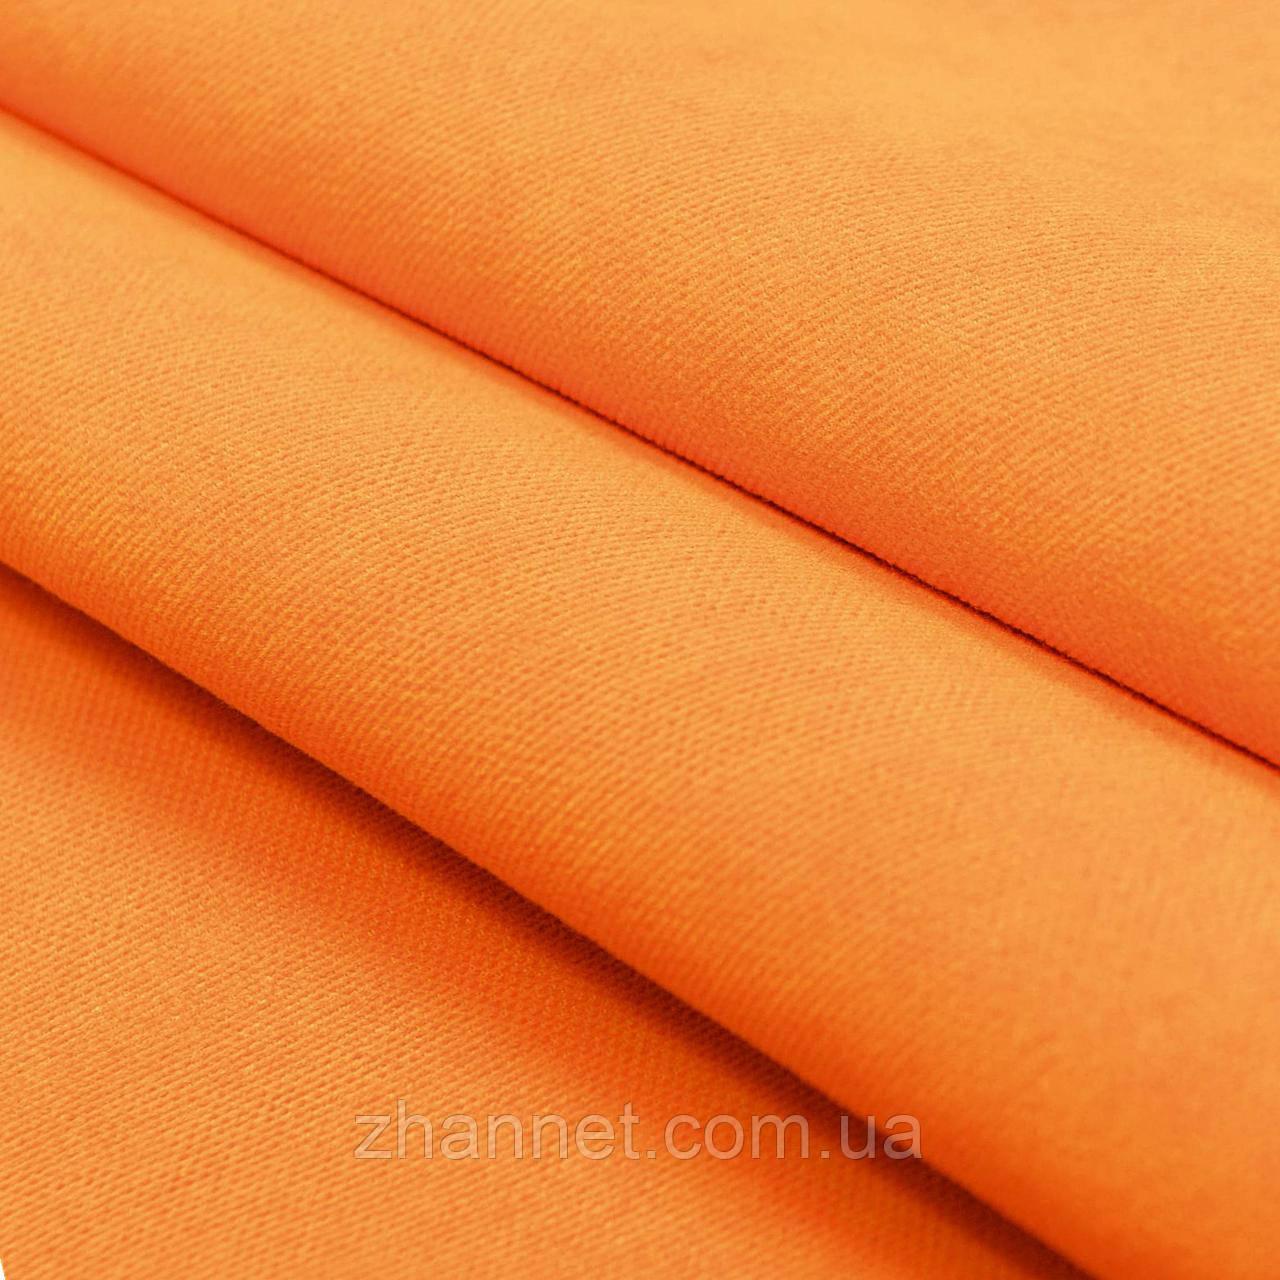 Ткань для штор Diamond охра 295 см (1403344)